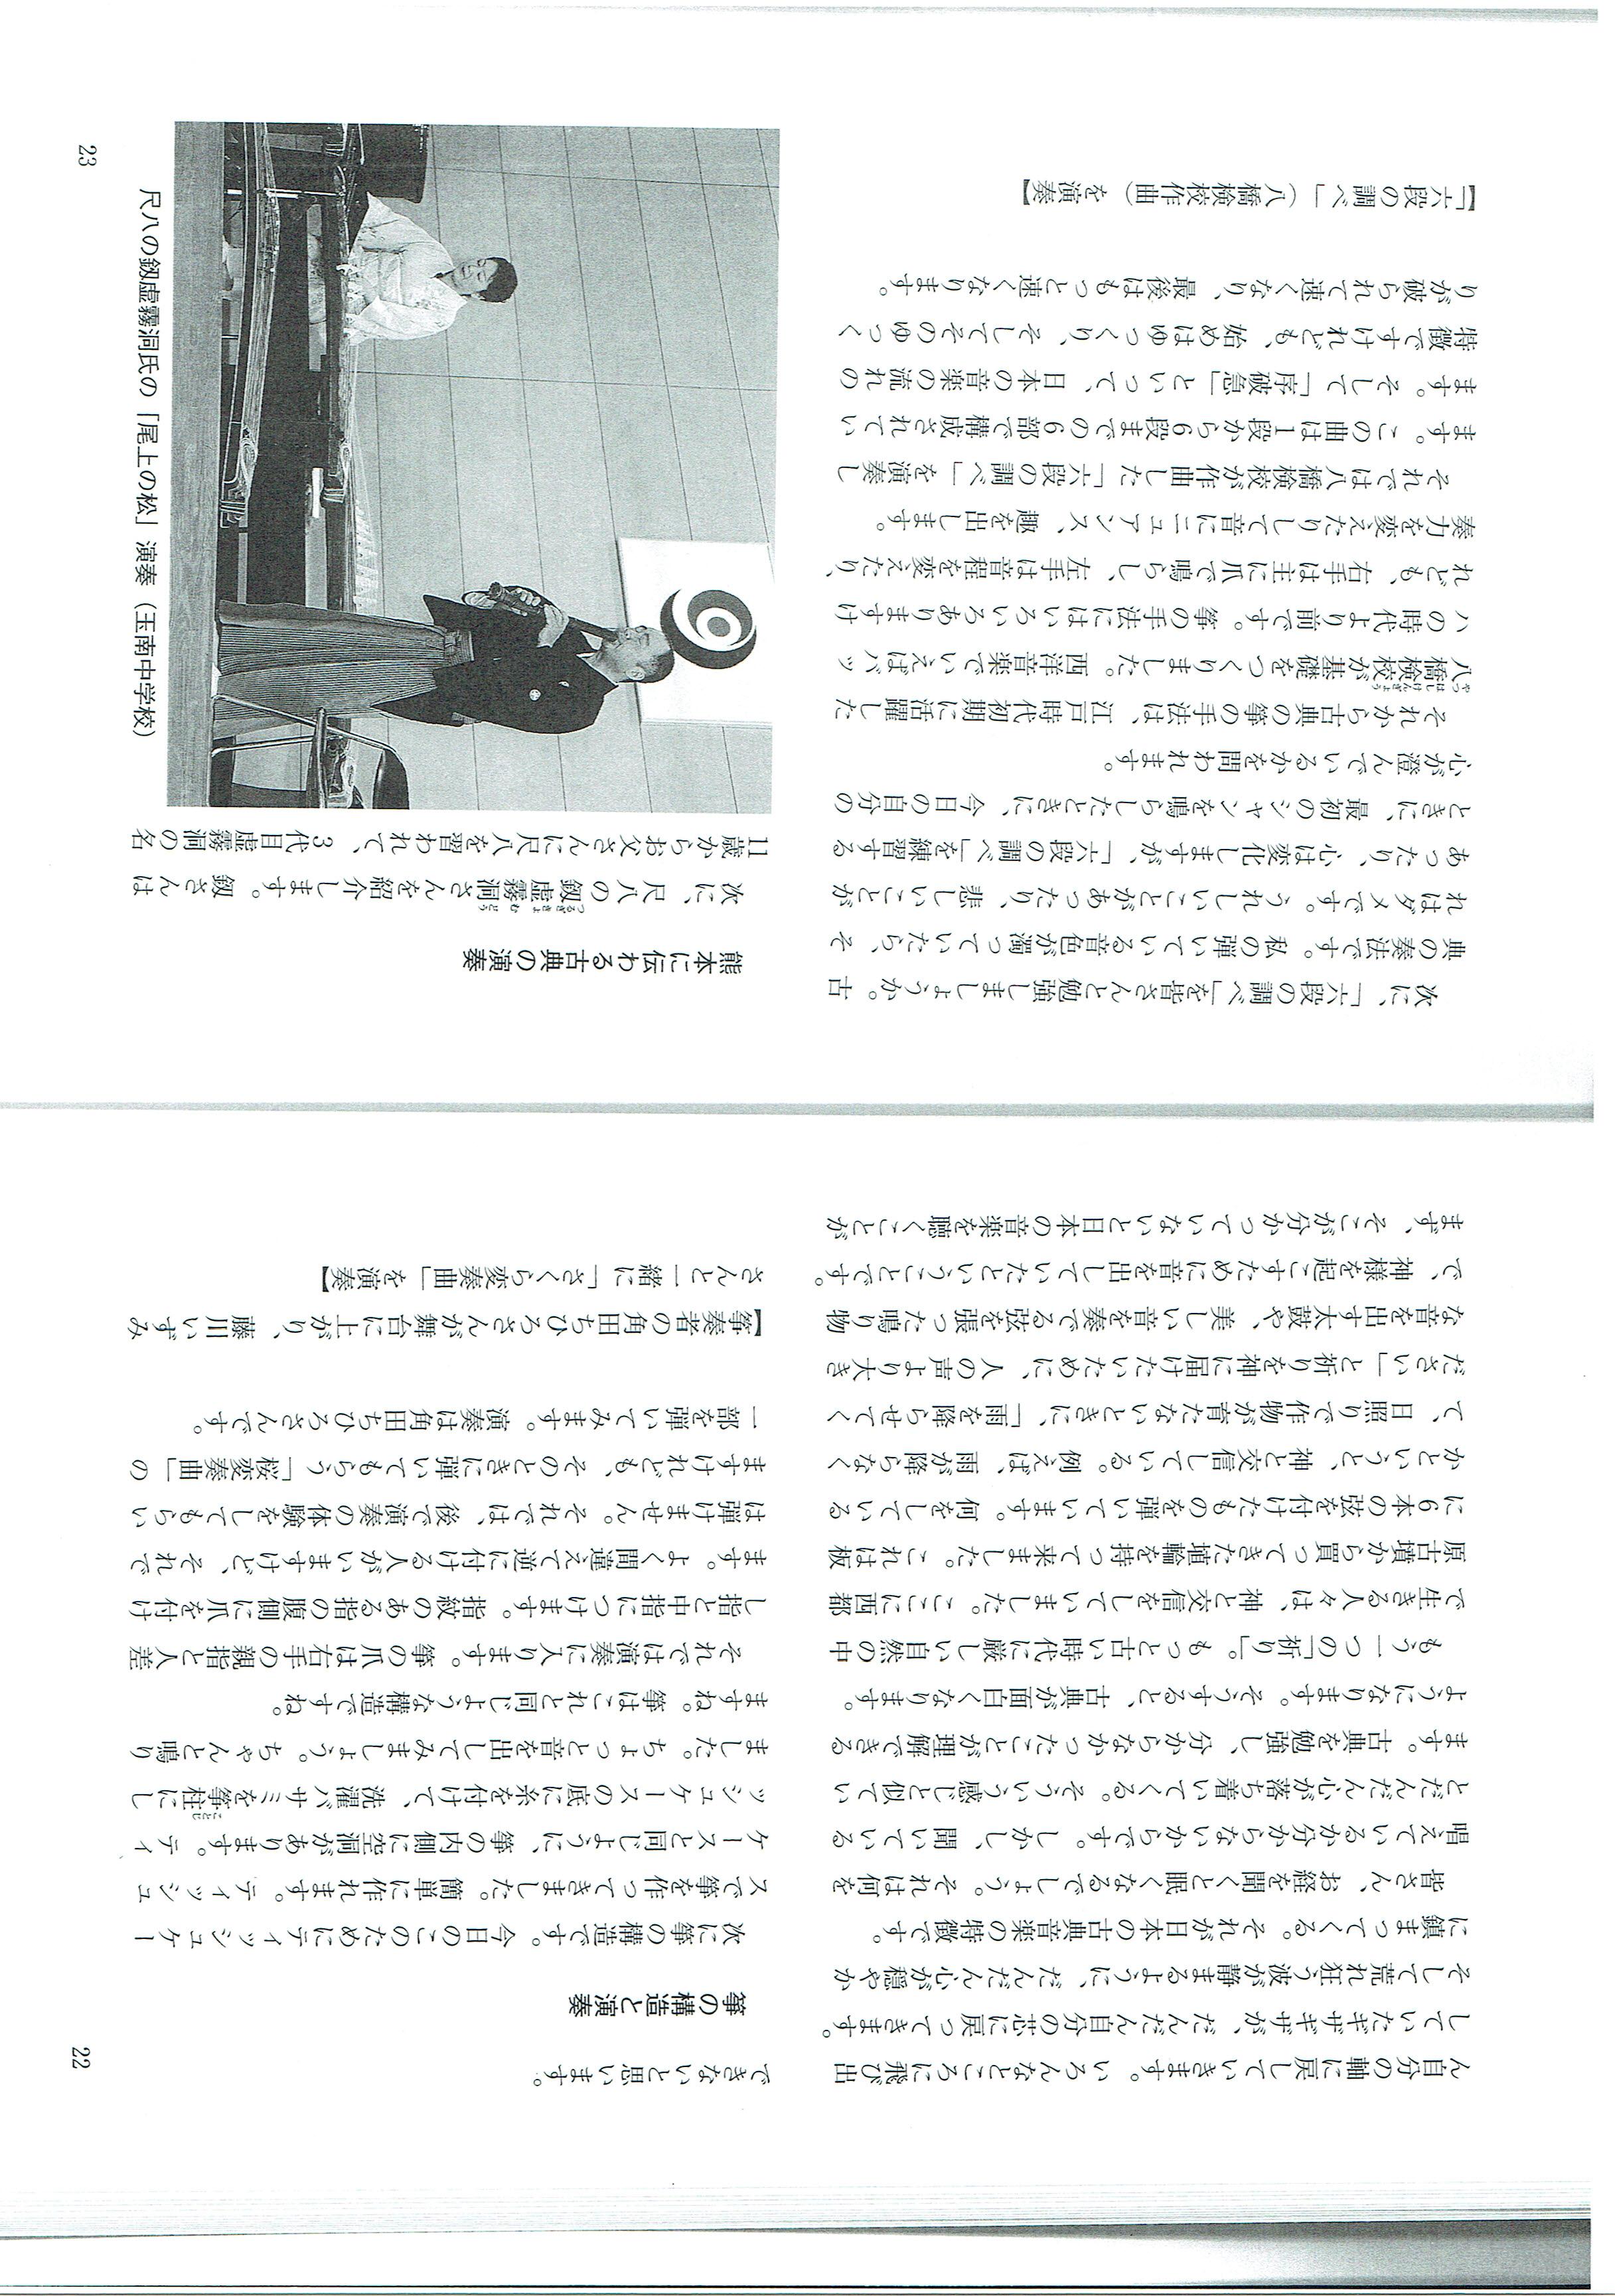 公徳20170103_0006